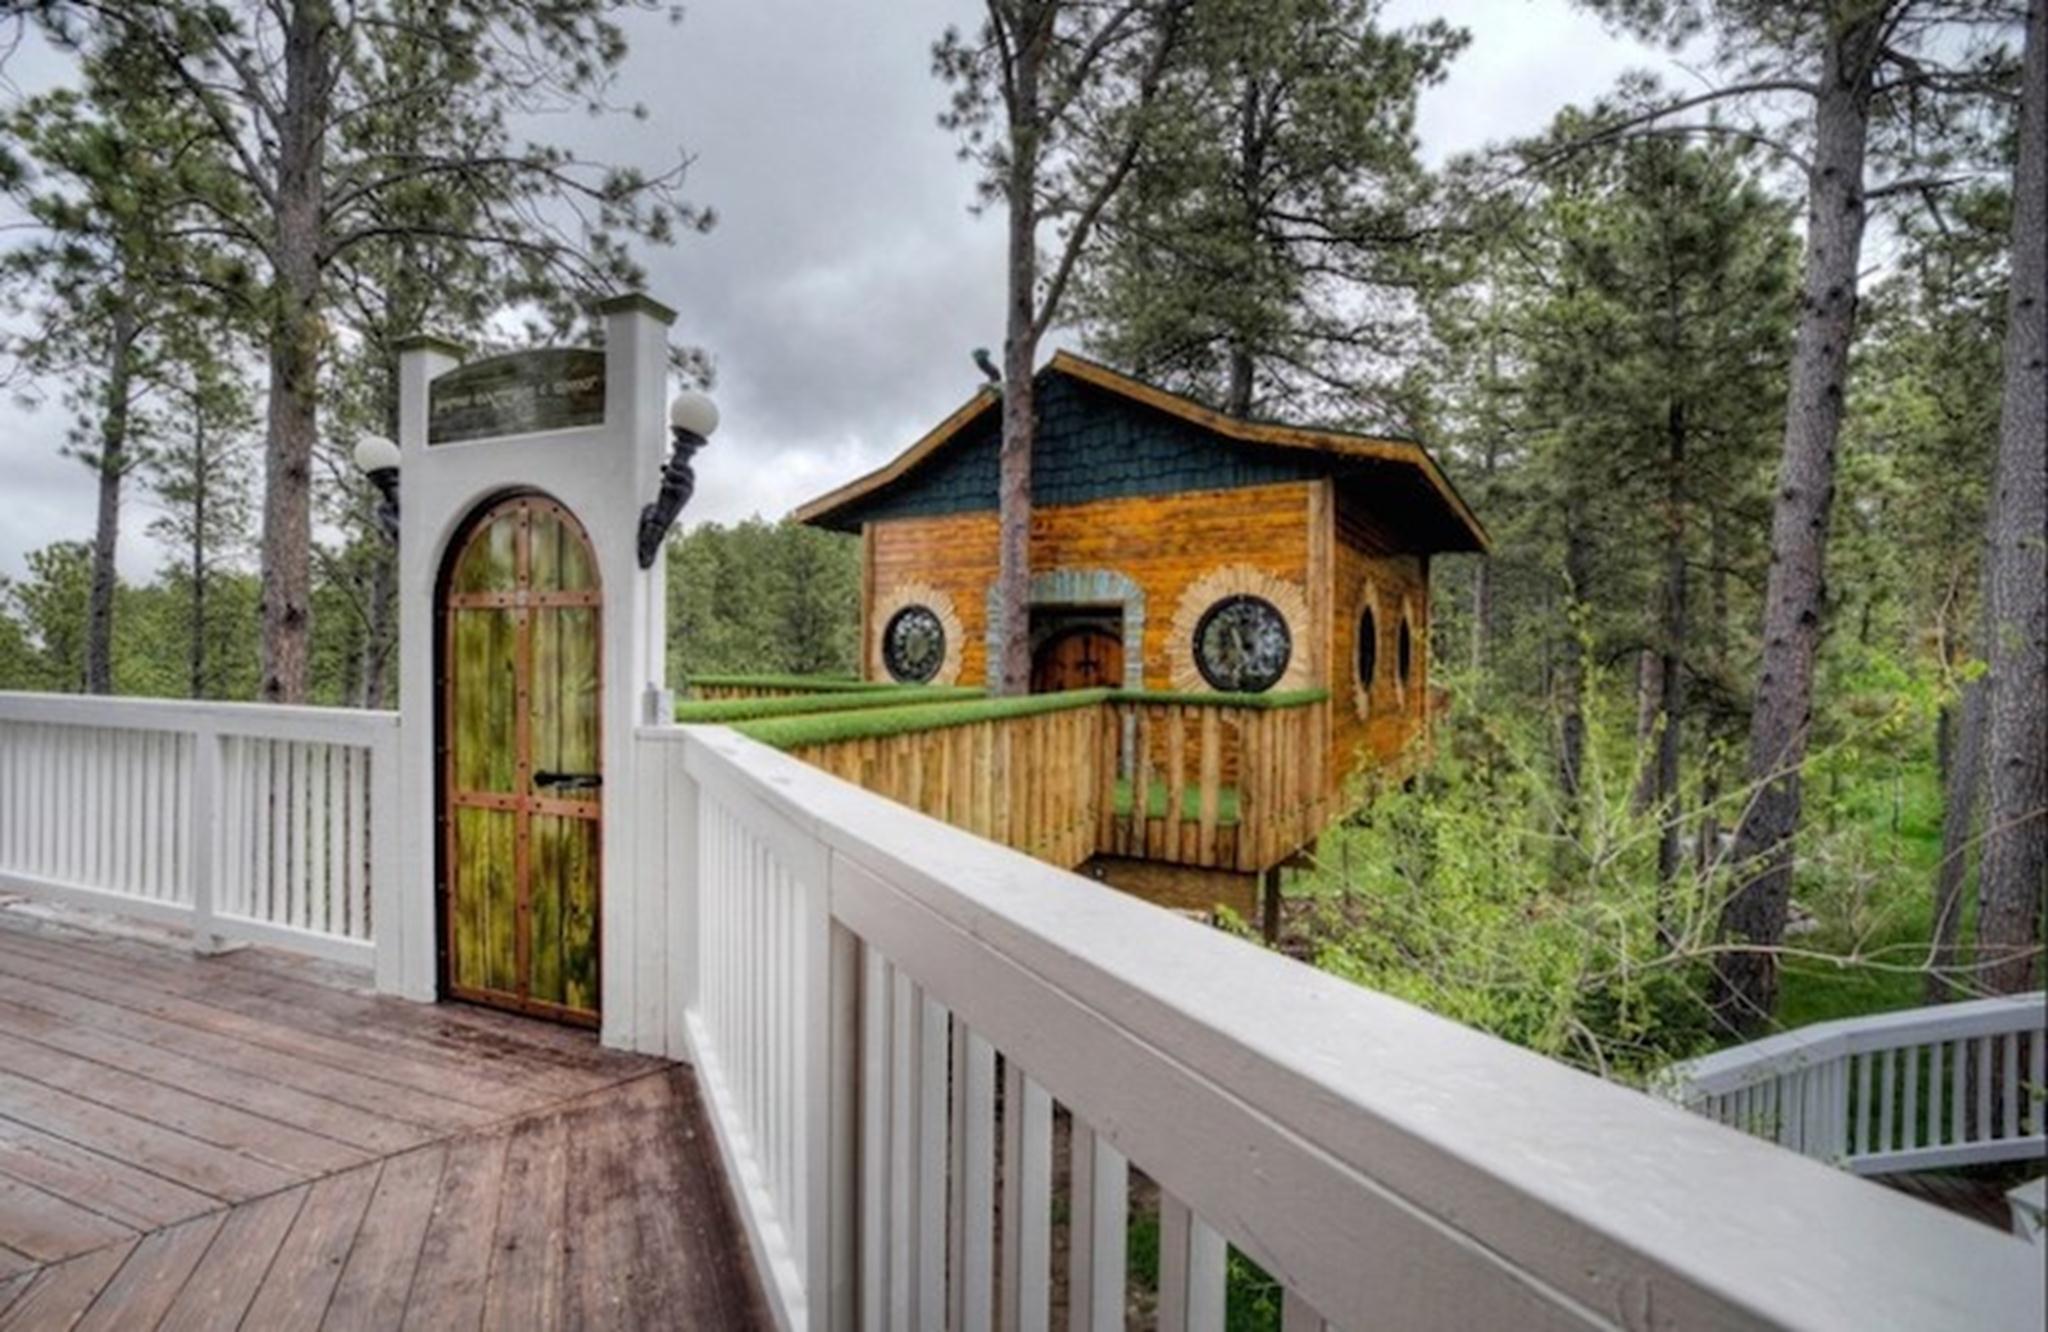 Ngôi nhà Hobbit được sở hữu bởi Gordon Mack, ông đã sáng tạo ngôi nhà dựa trên cảm hứng từ các bộ phim Rings.